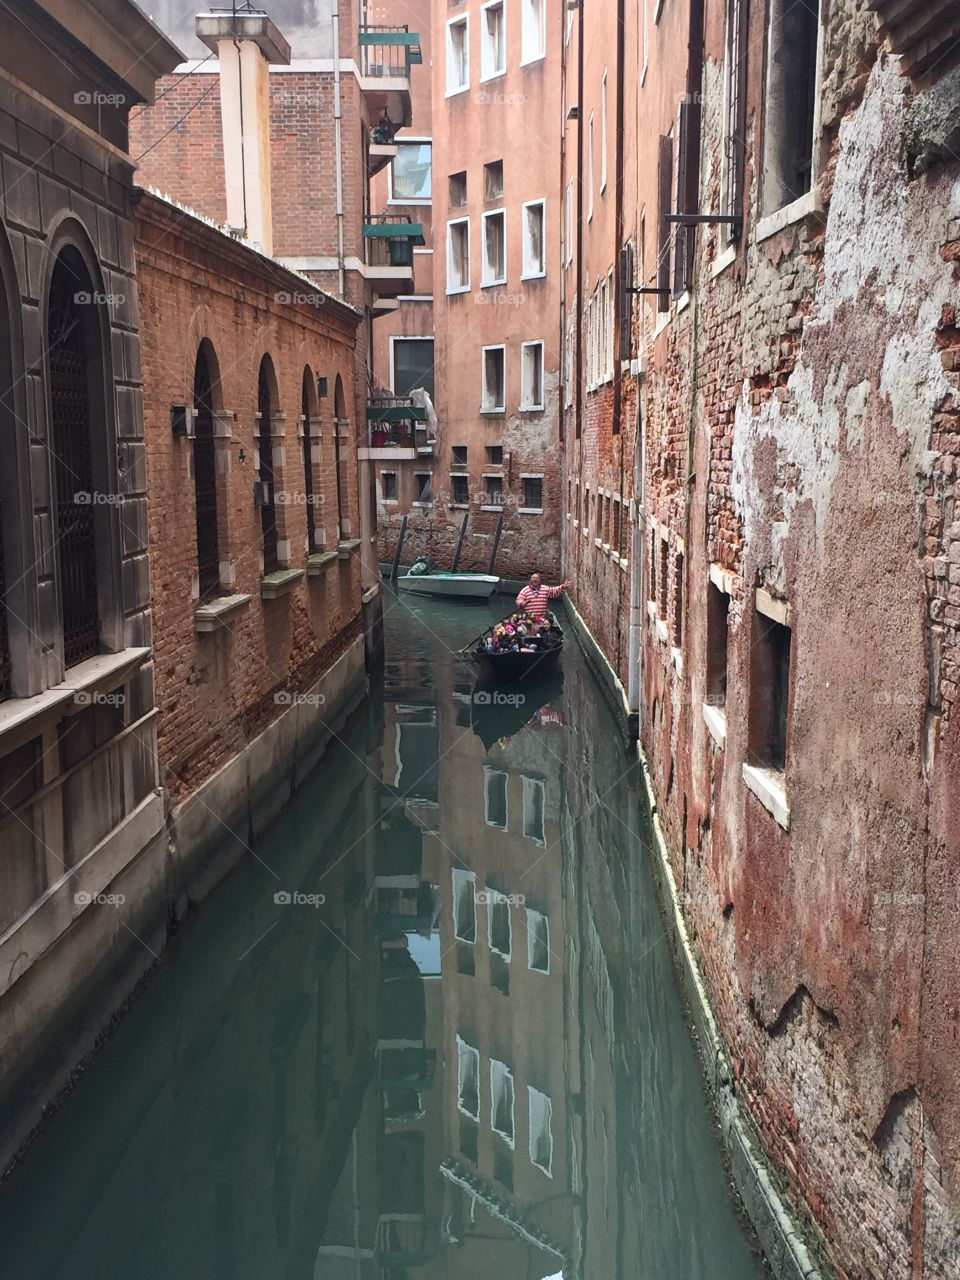 No Customers. San Polo. Venice, Italy